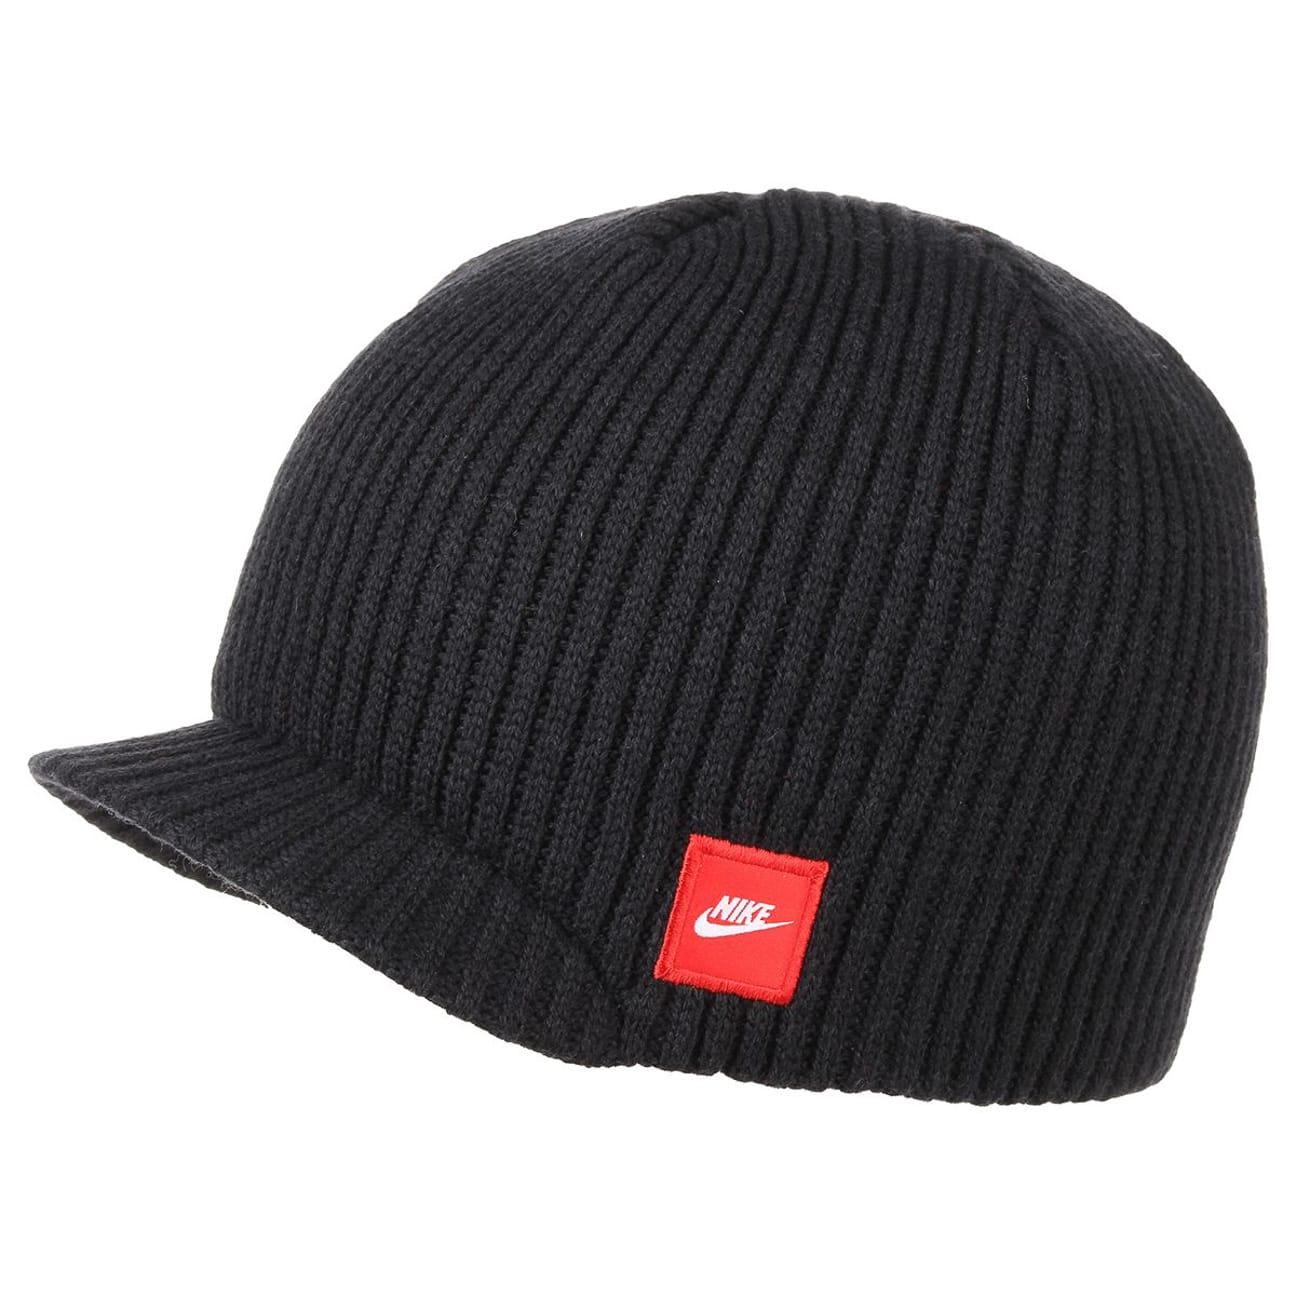 nike peak cap